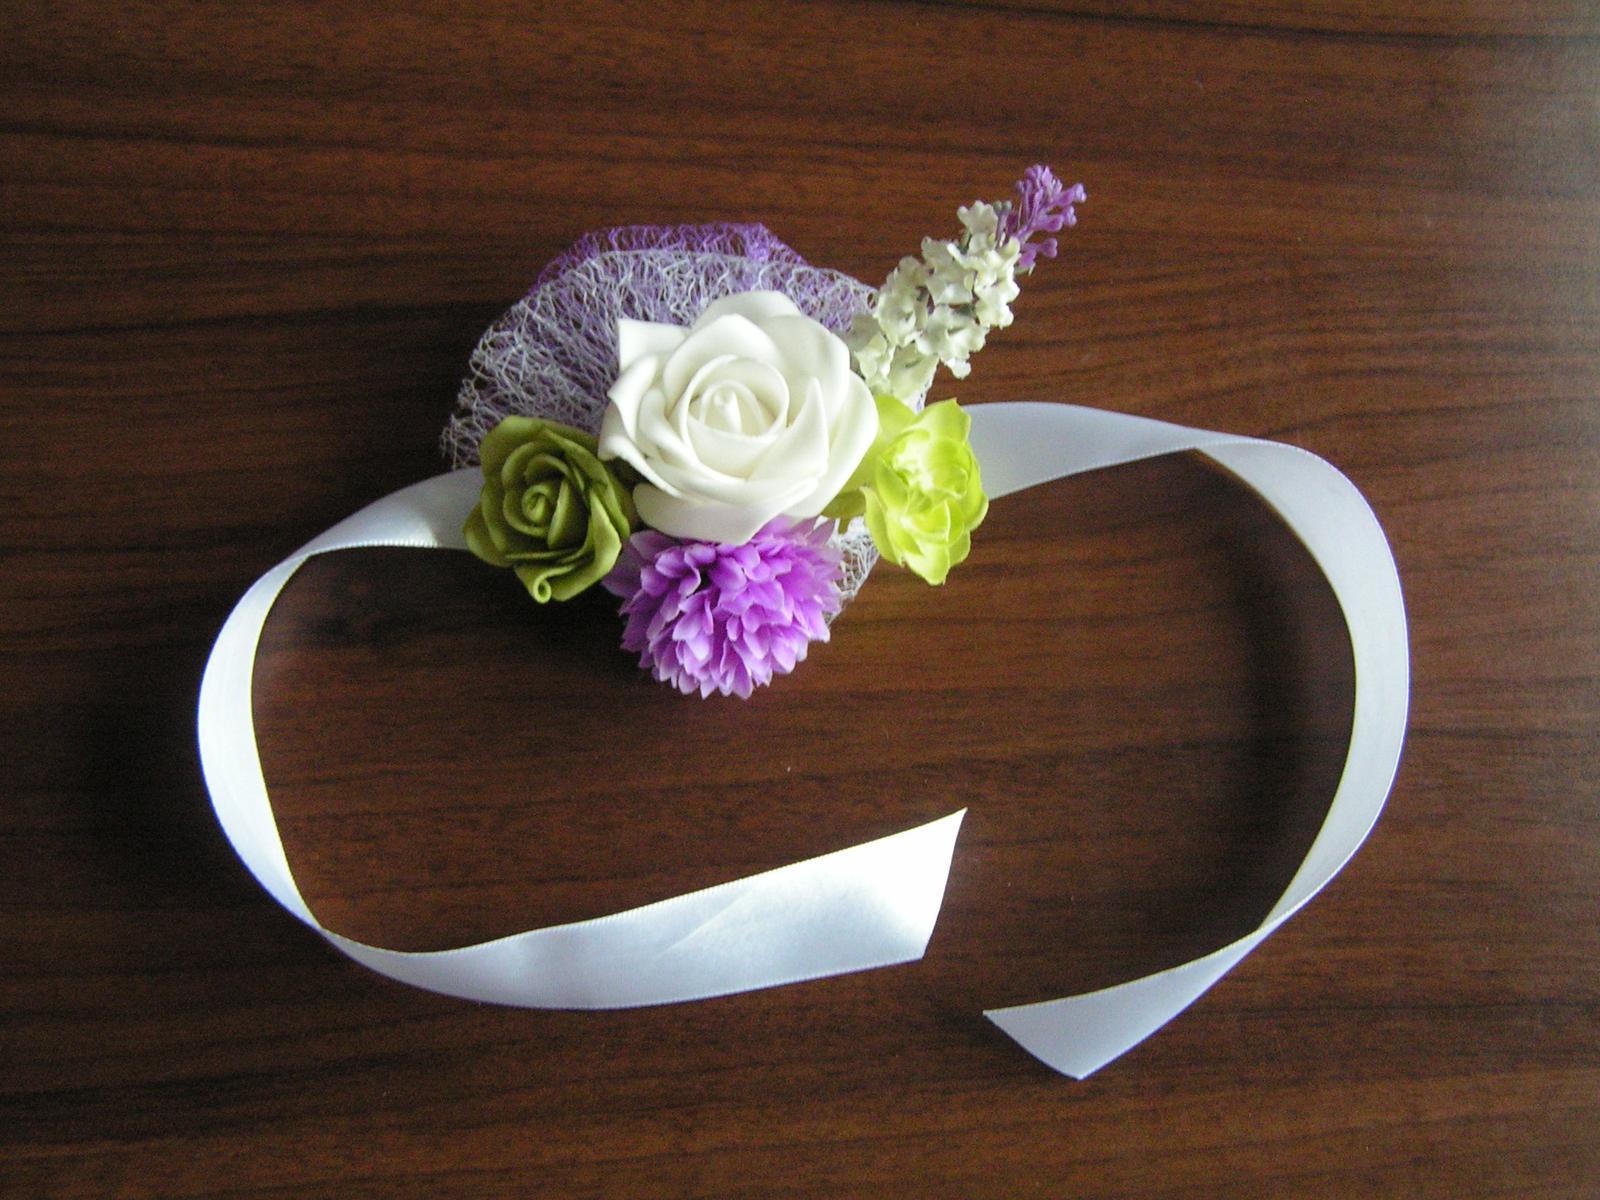 Náramek z umělých květin - Obrázek č. 1